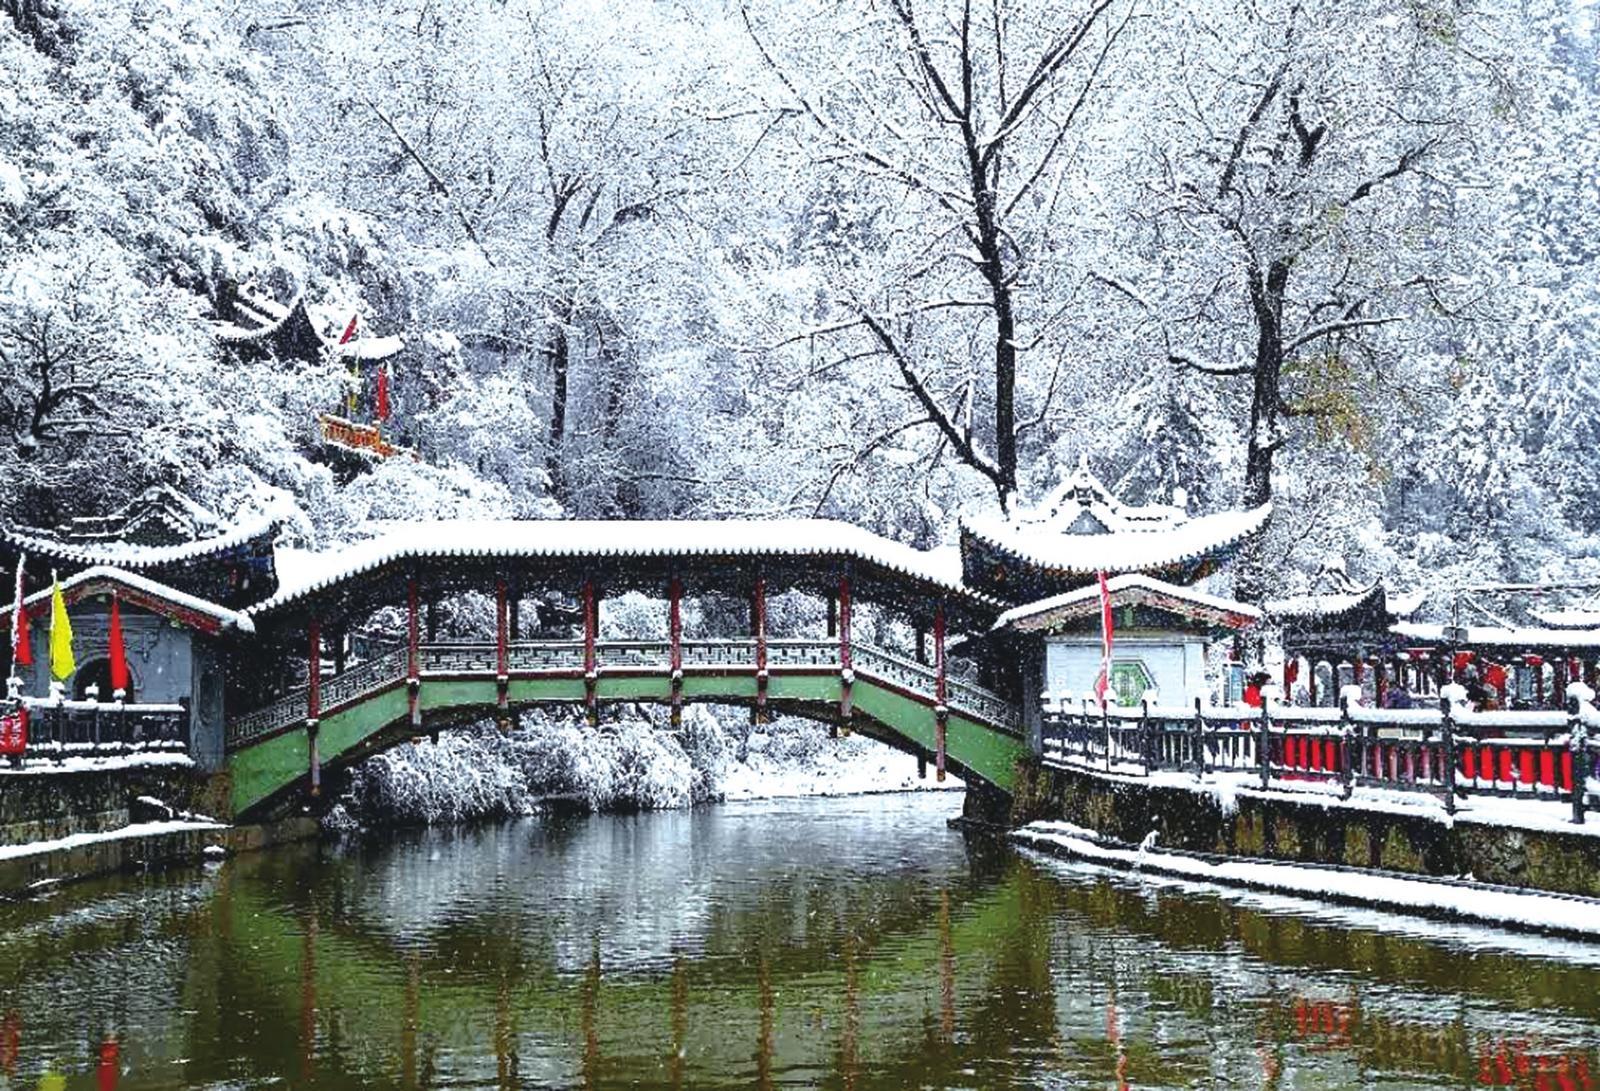 秋末初雪 开启赴冬之约